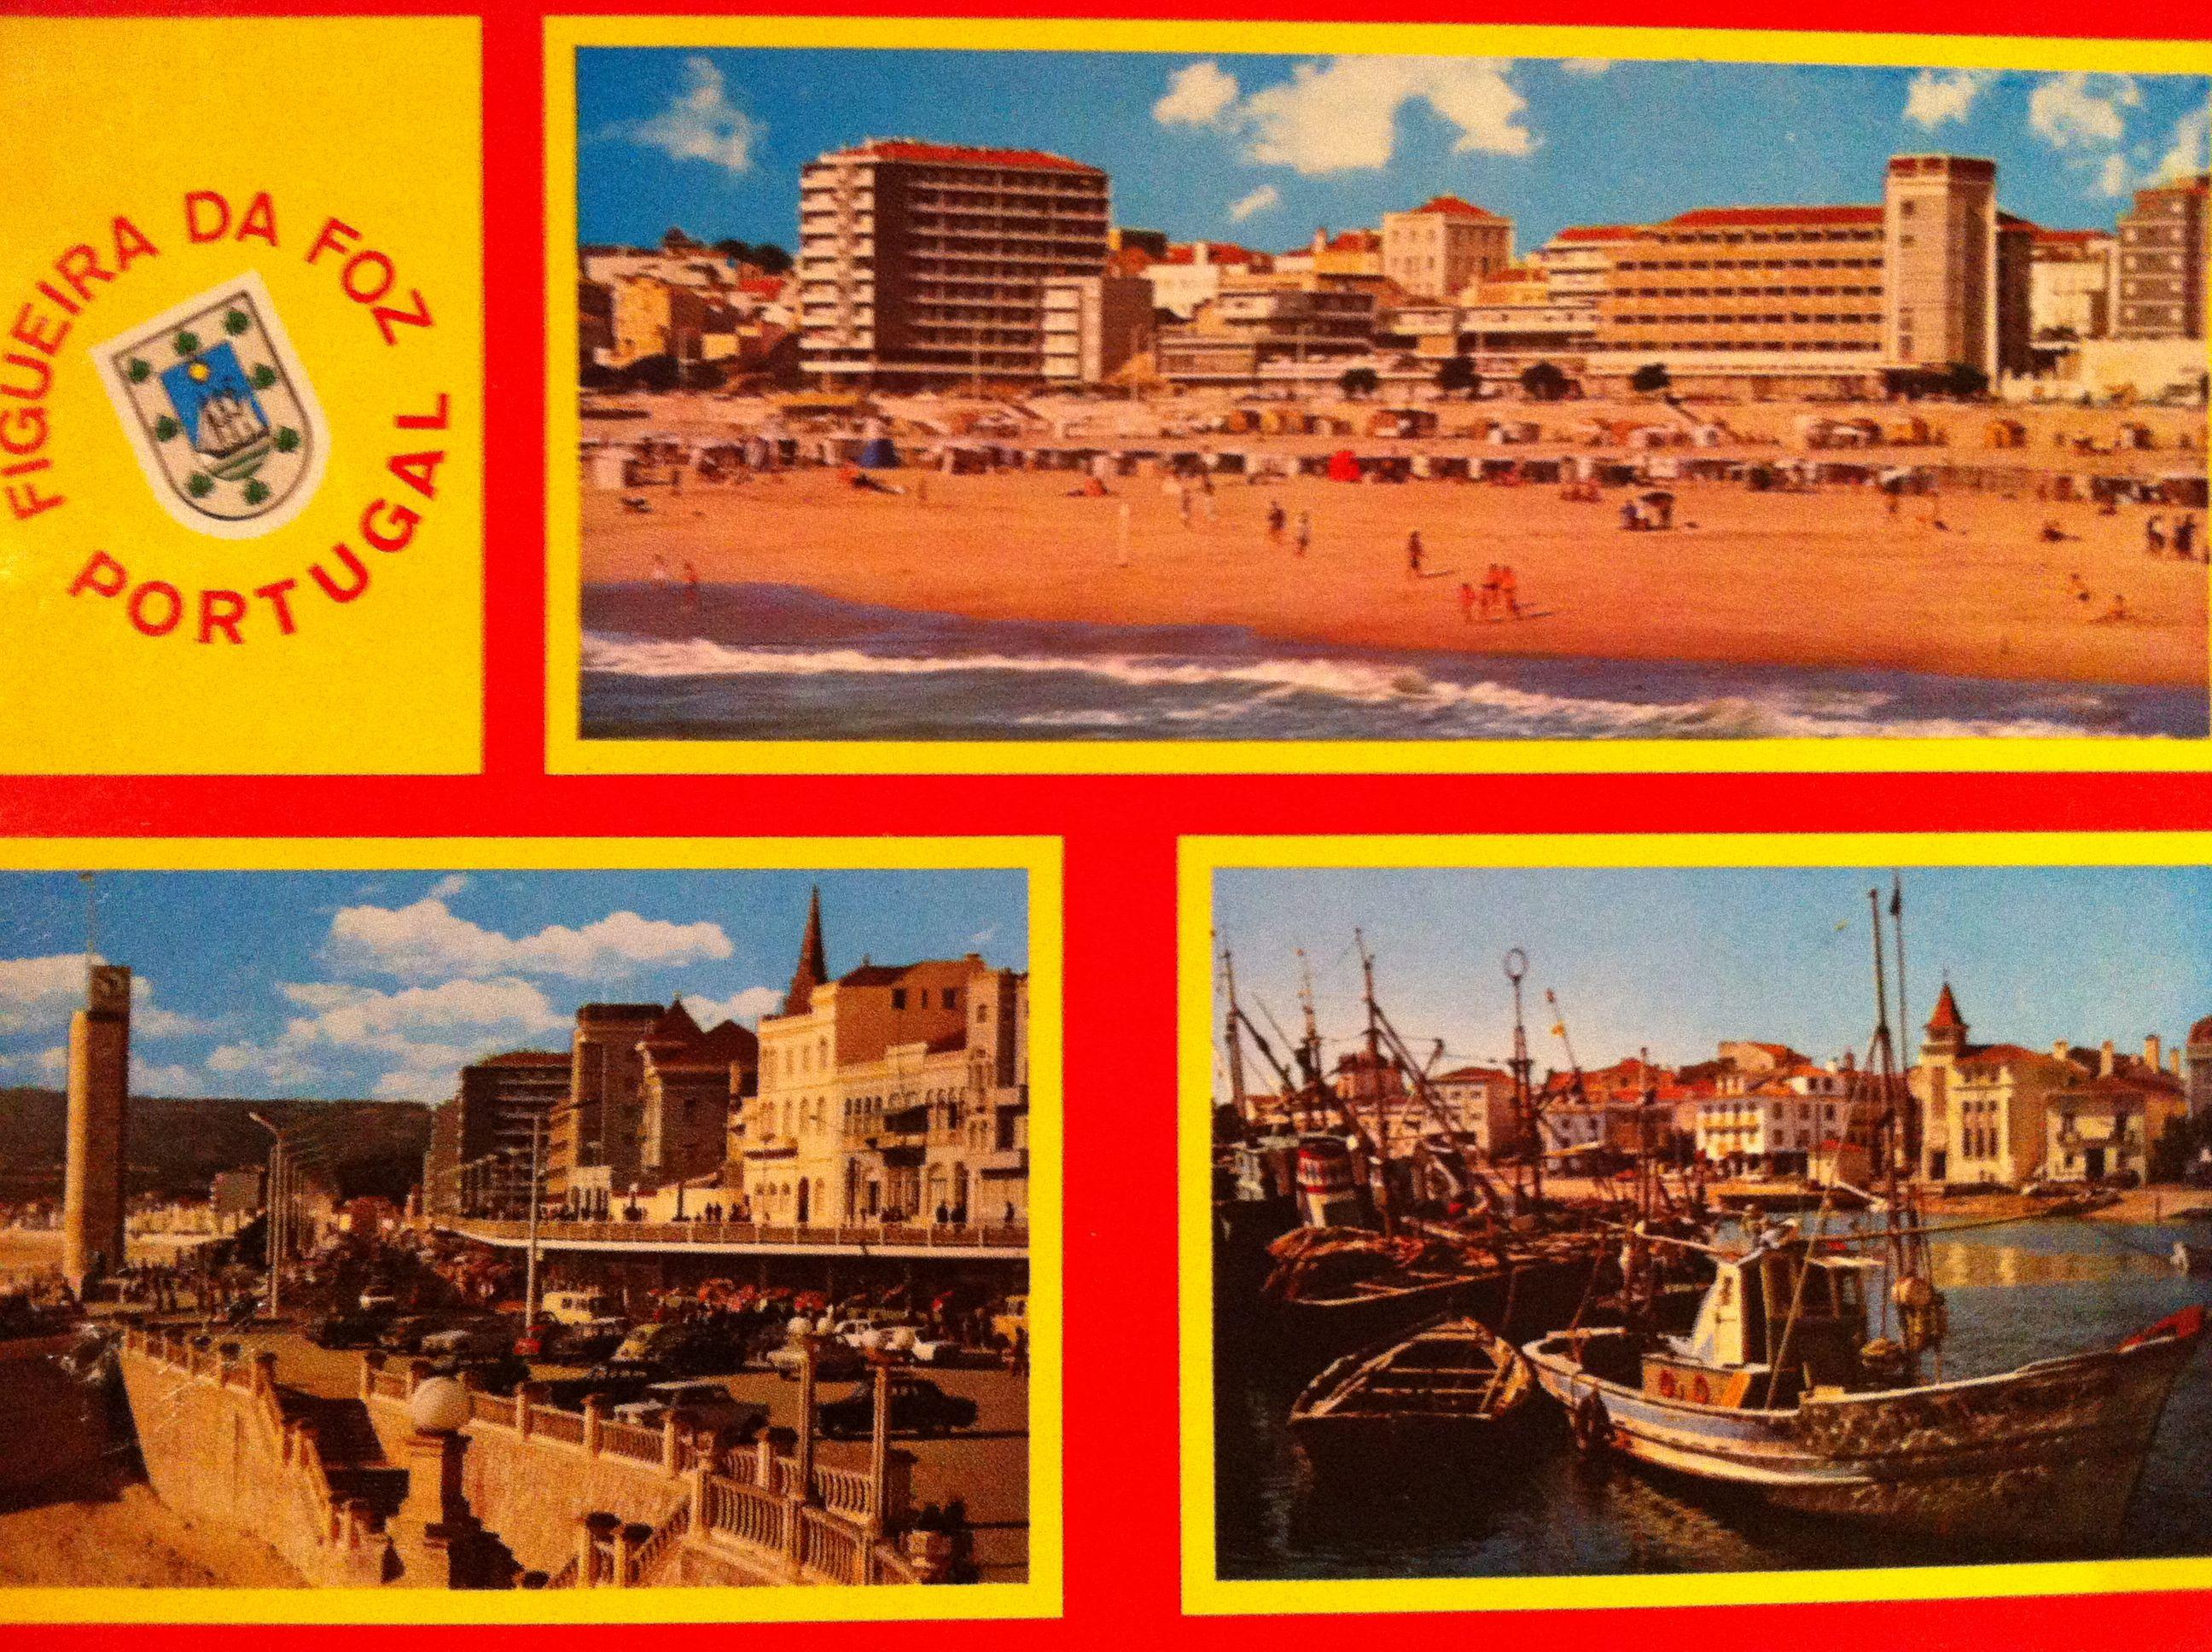 Figueira da Foz, Portugal. Coleção Dúlia Acquired in 1974.